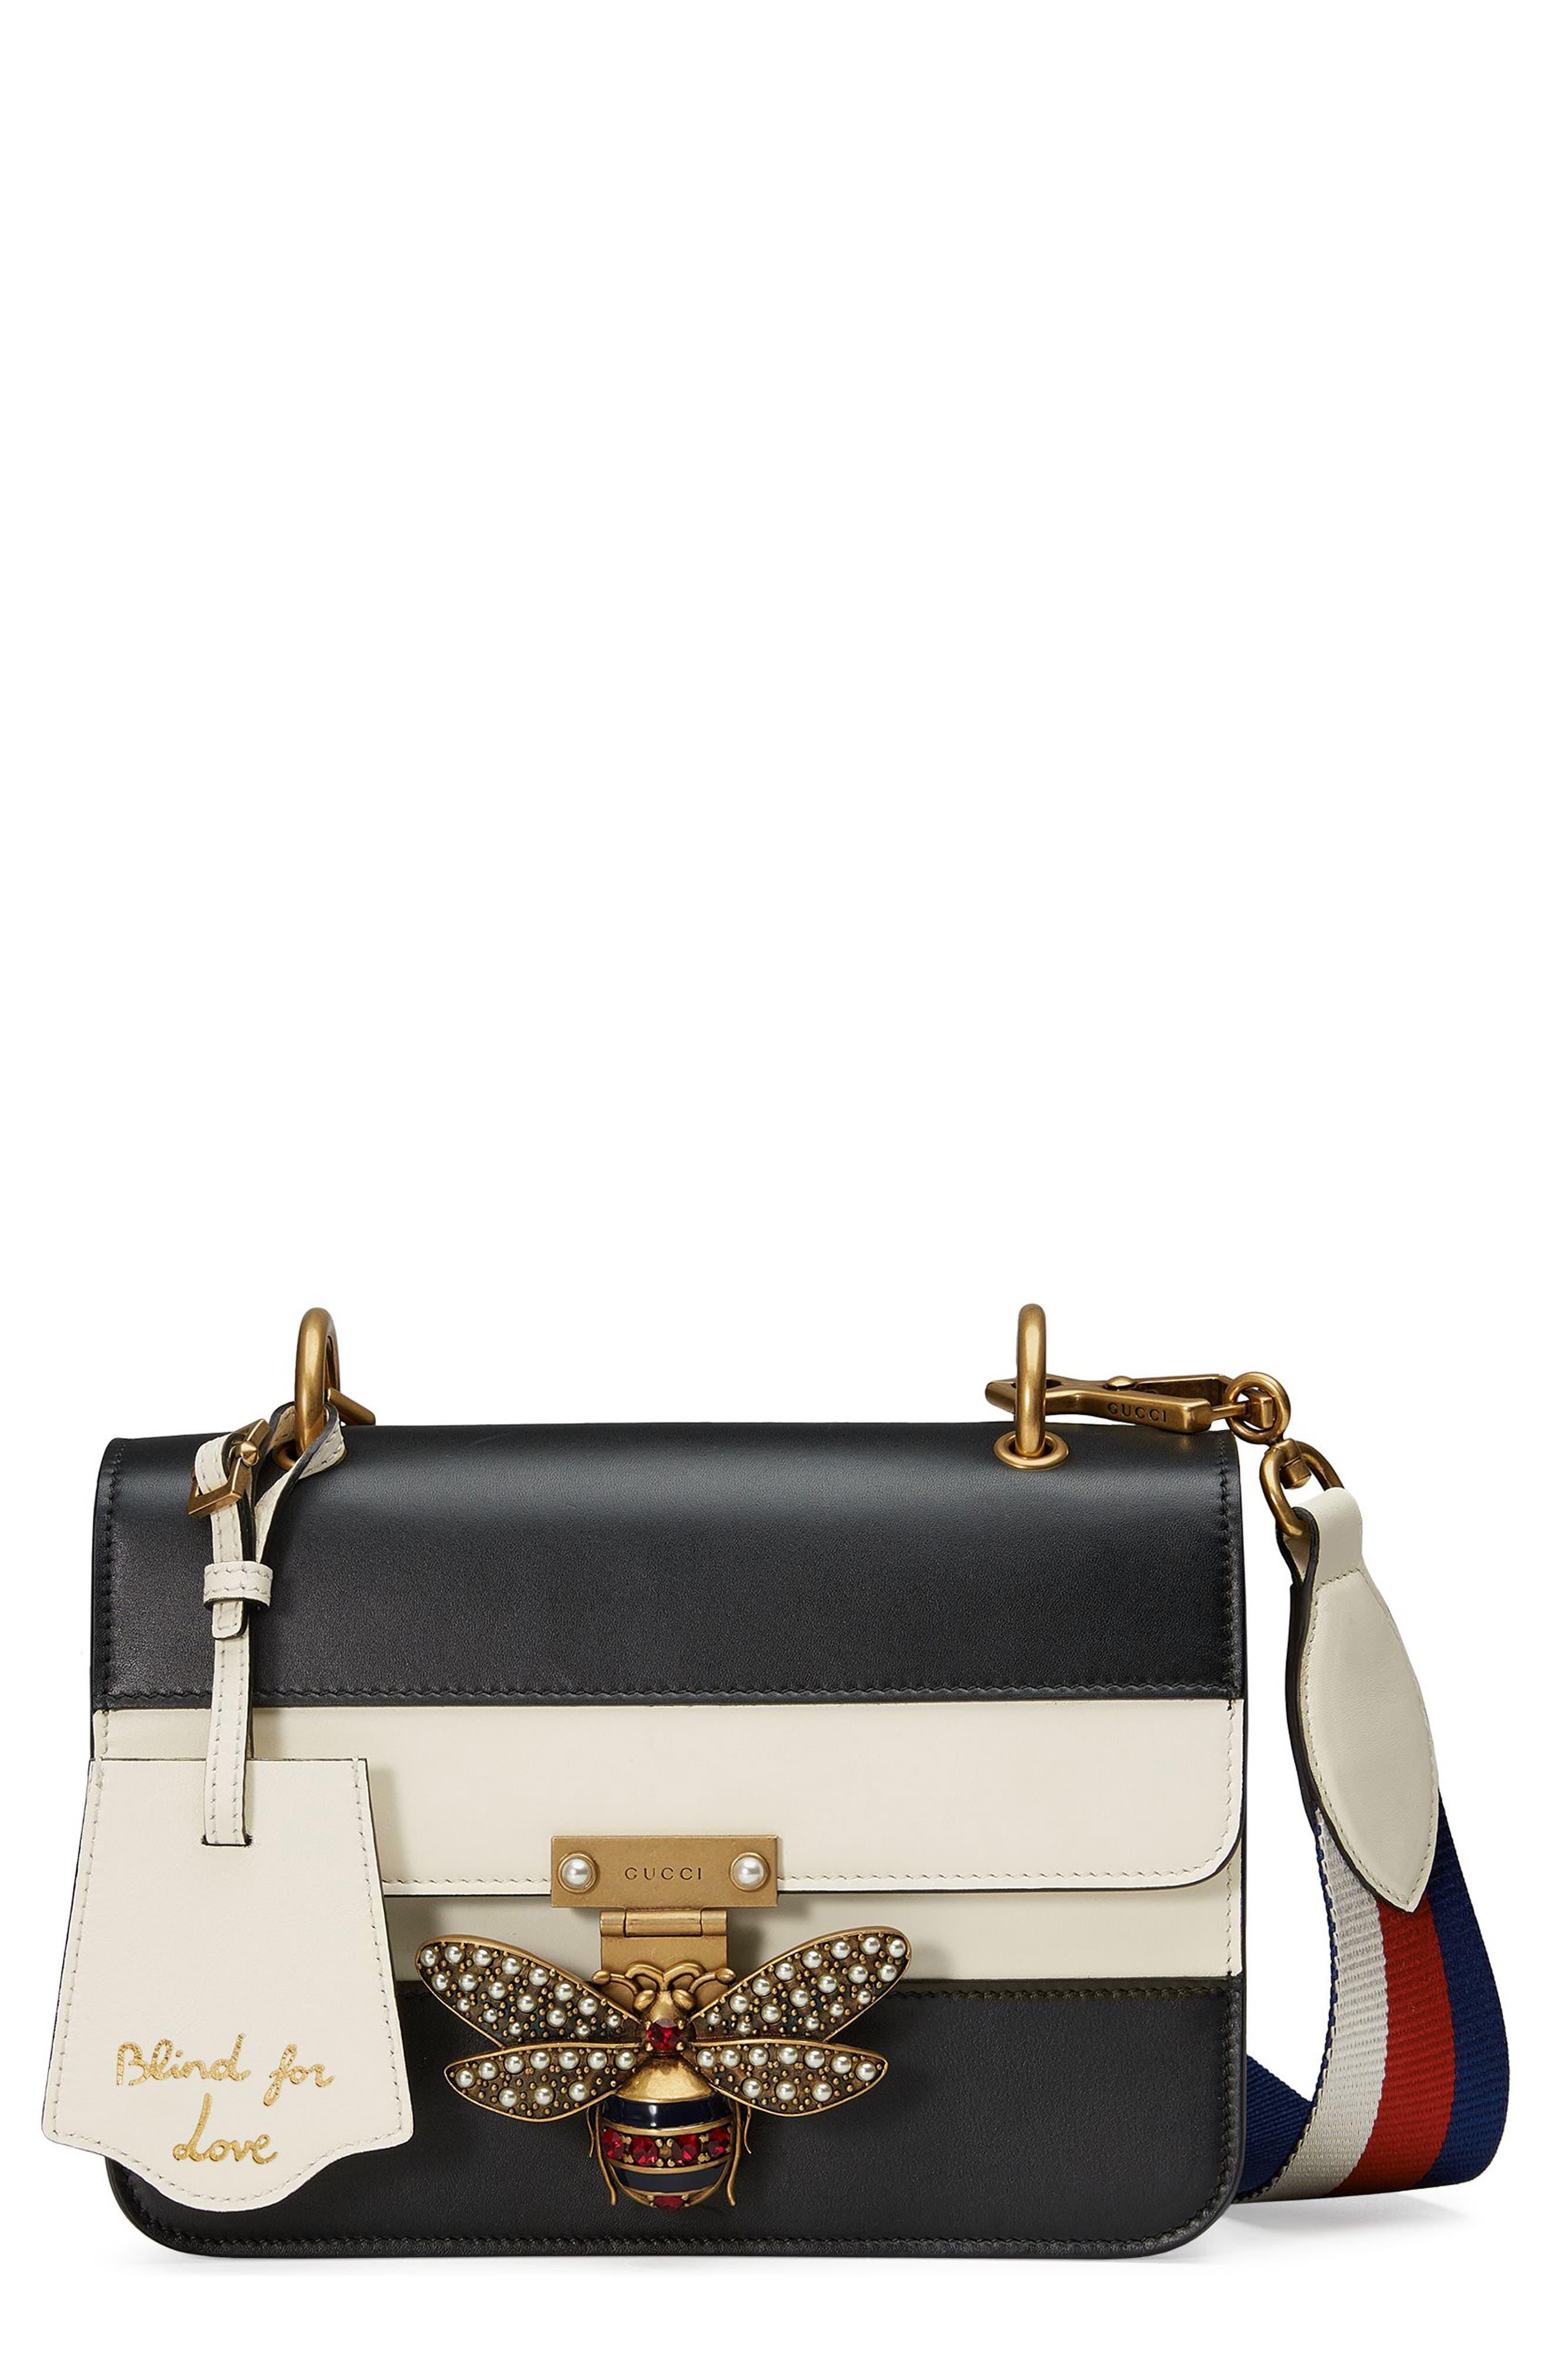 Alternate Image 1 Selected - Gucci Queen Margaret Stripe Leather Shoulder Bag